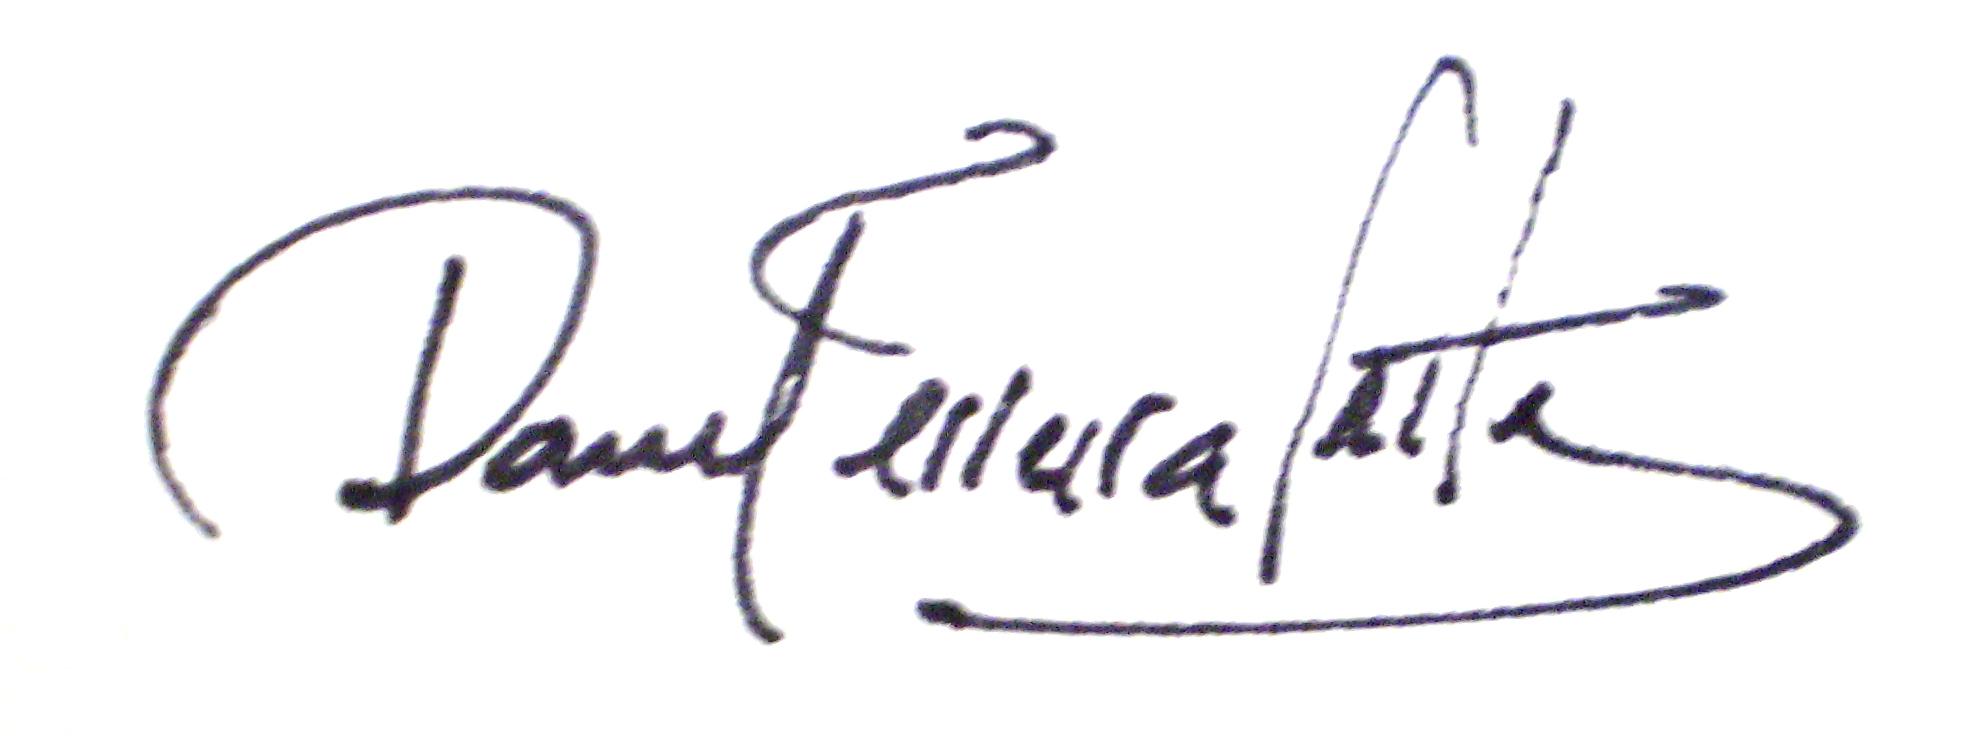 Daniel ferreira leites Signature